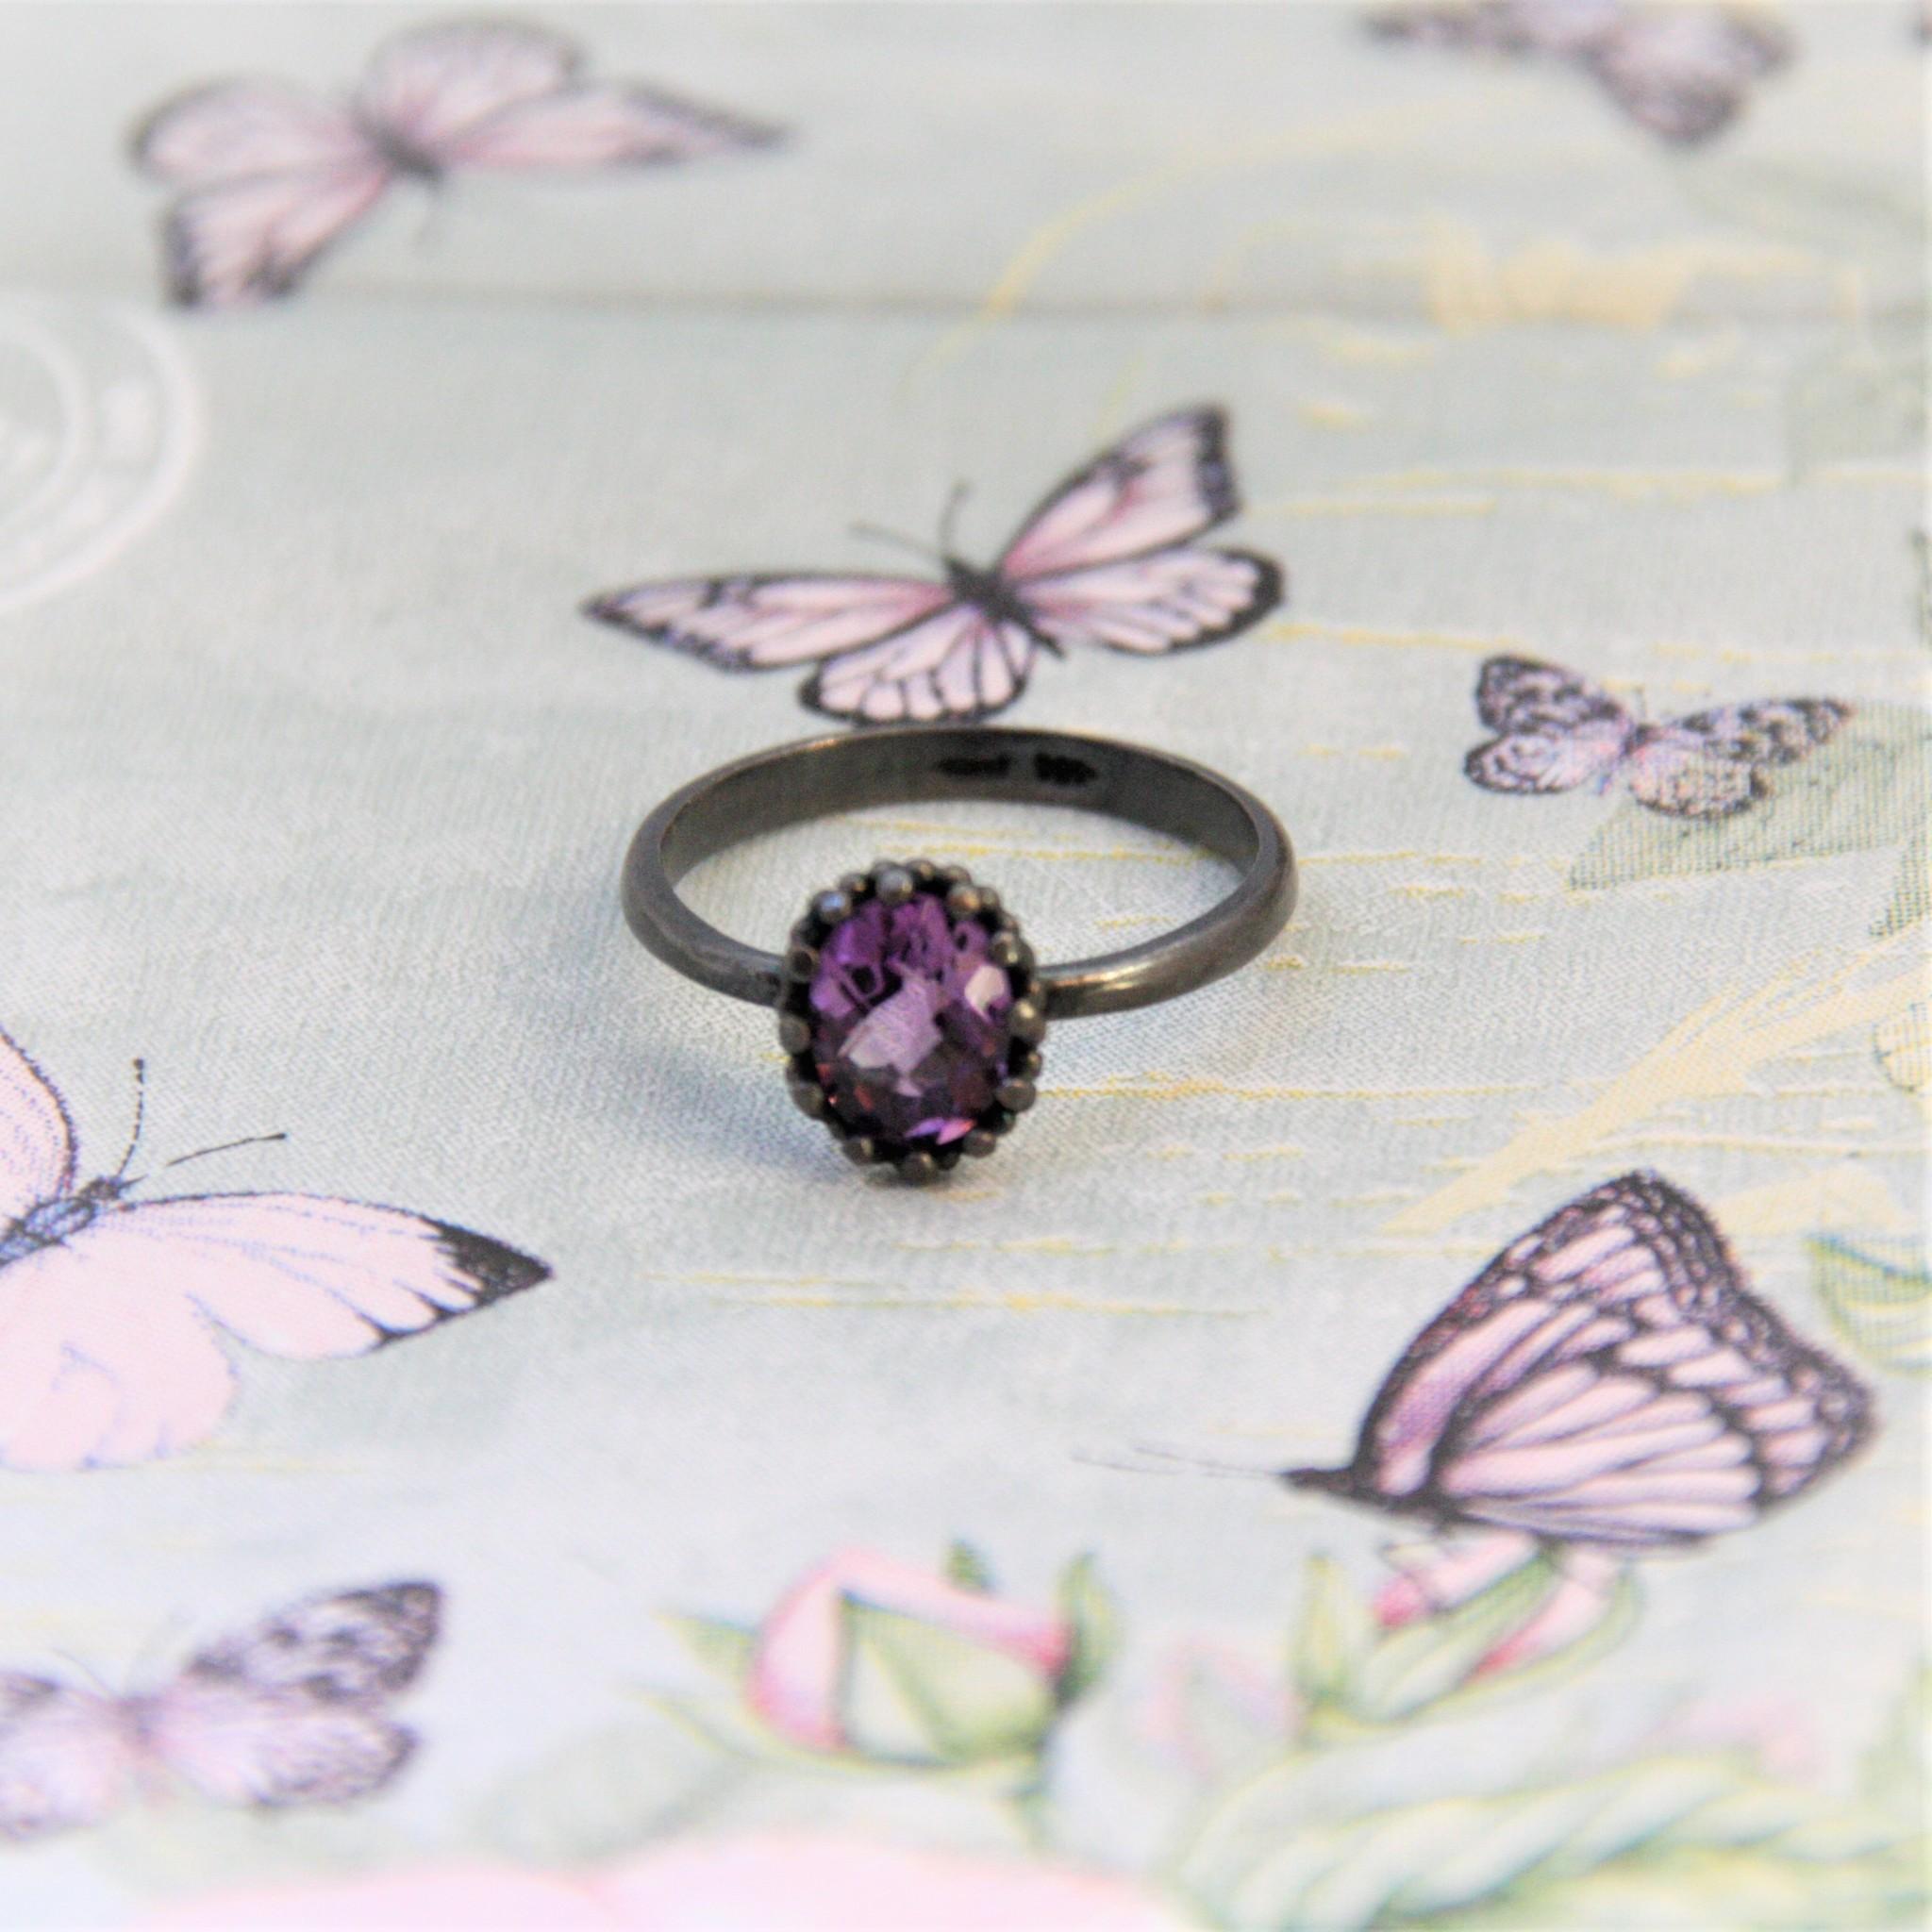 Carré Jewellery Anello Carré jewellery